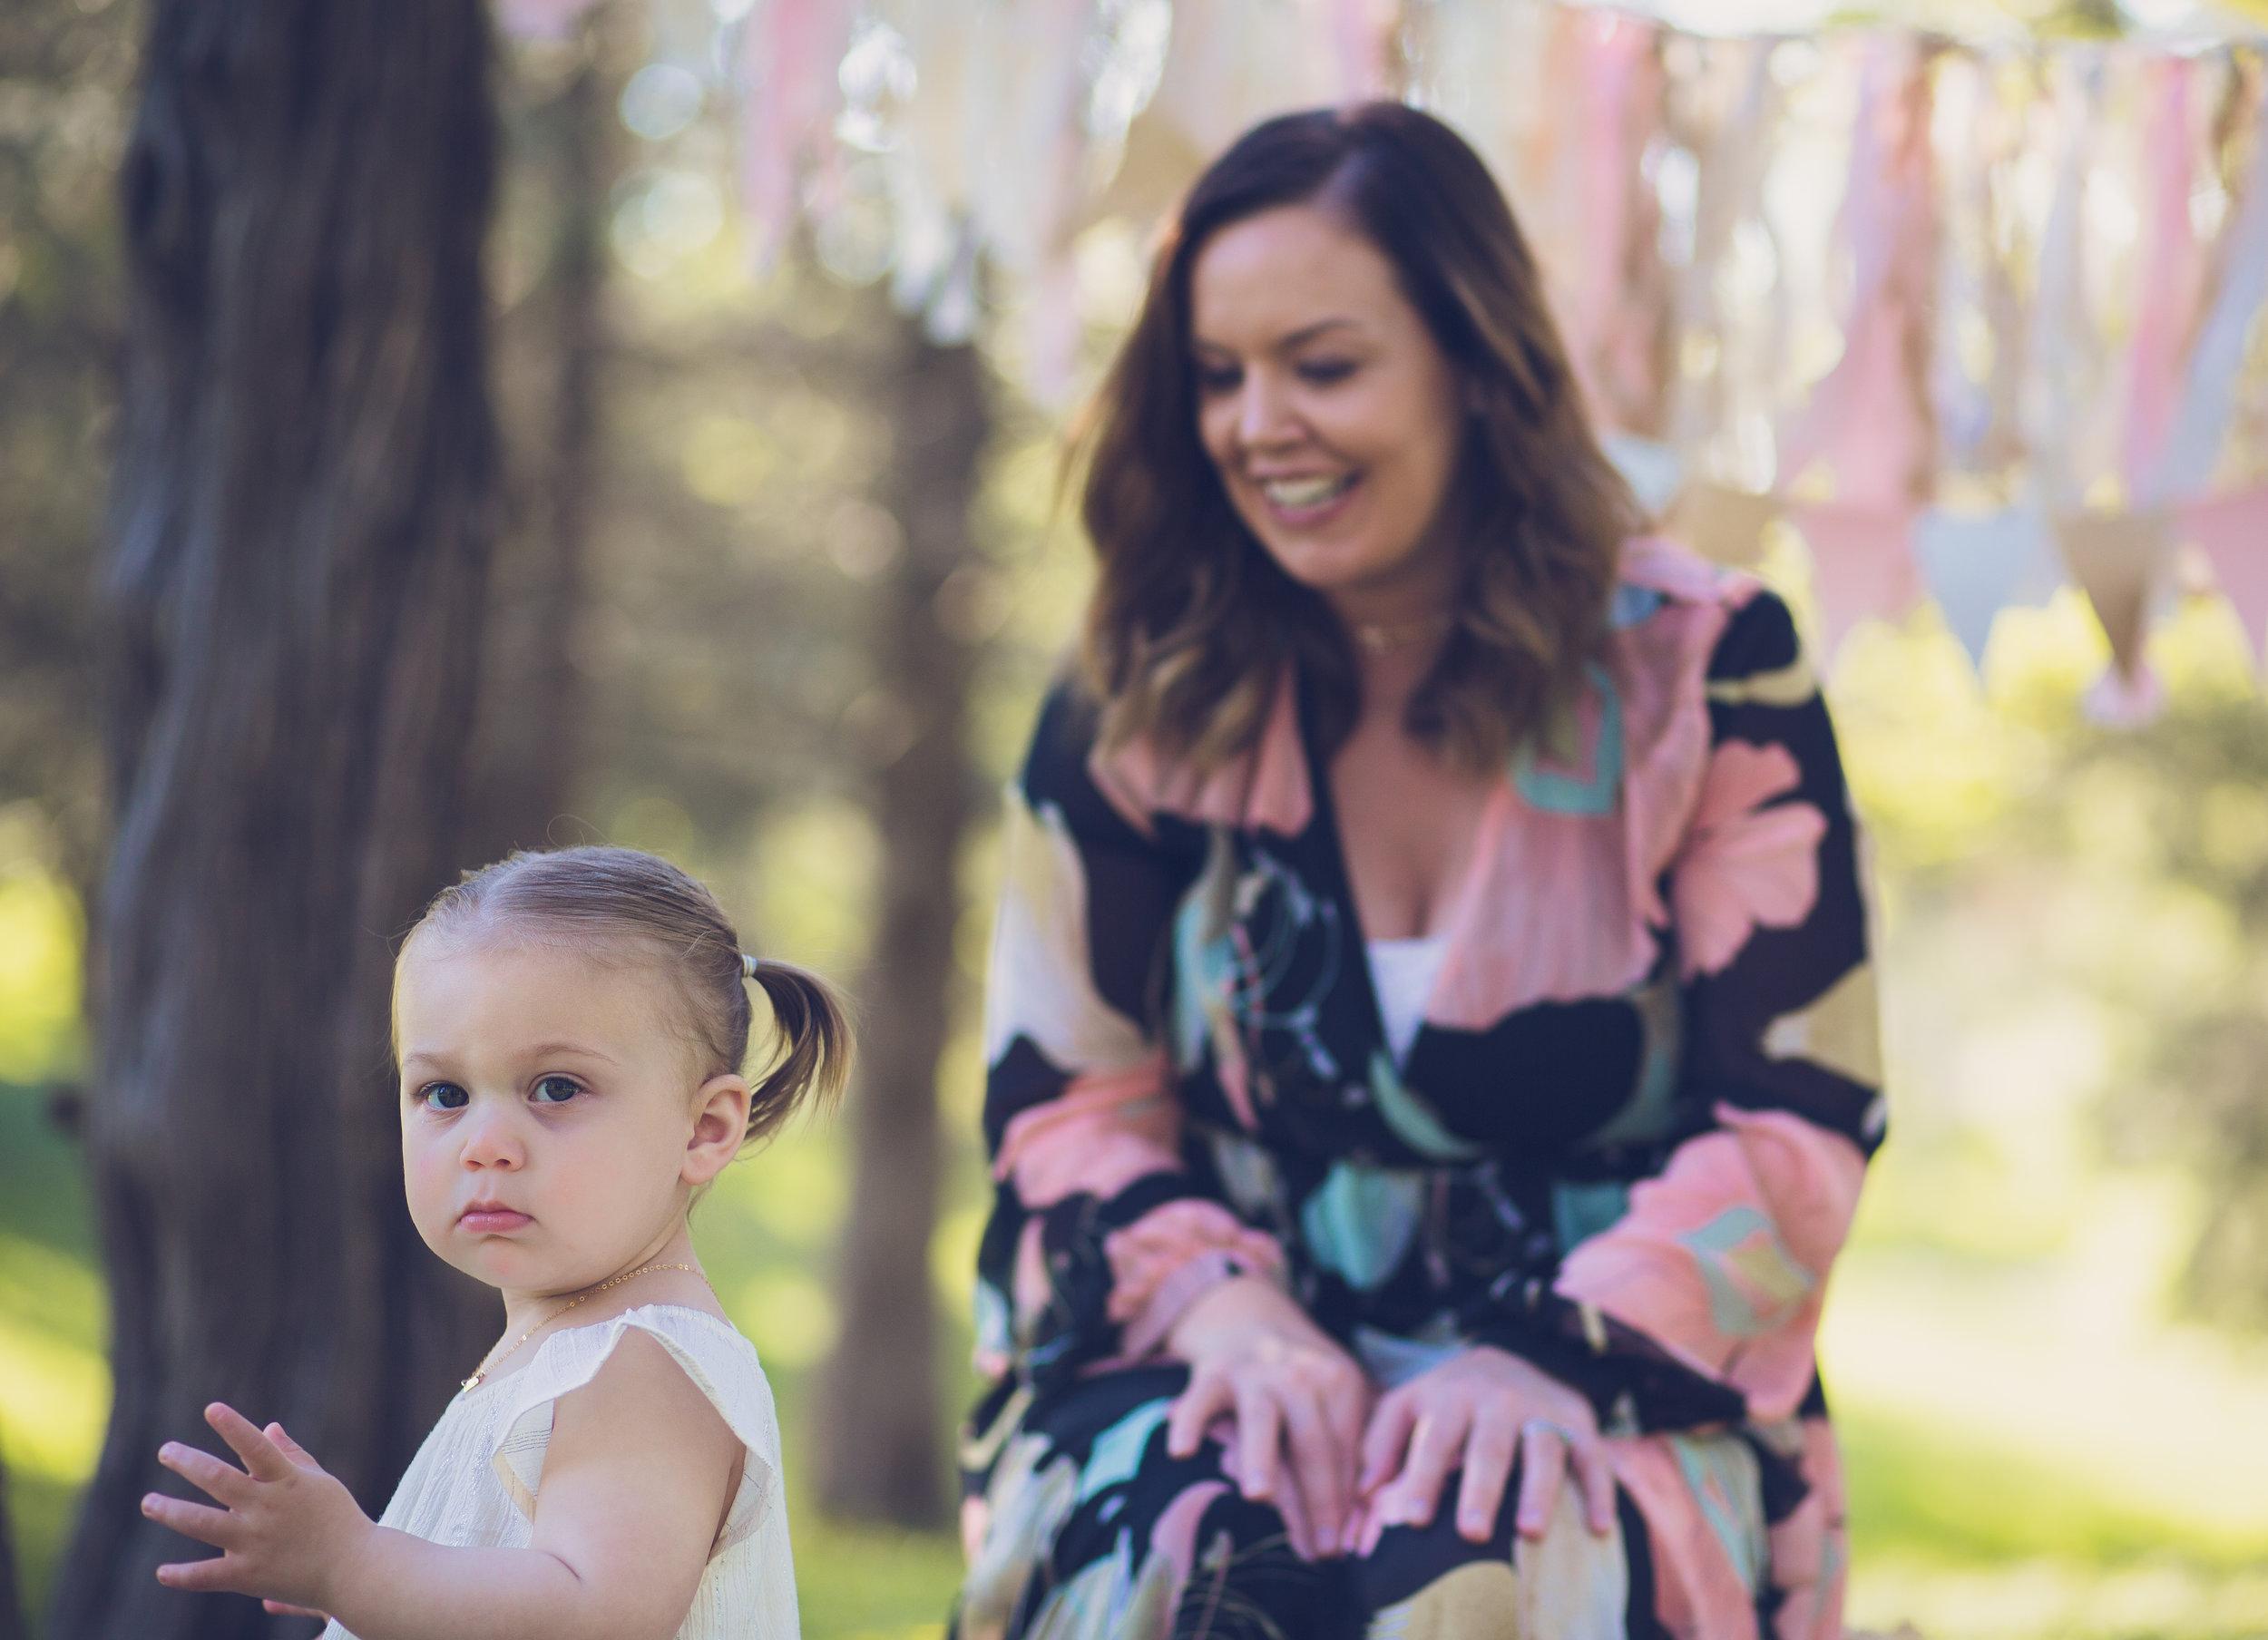 Mommy_and_me_photoshoo_HudsonWI_BirkmosePark5